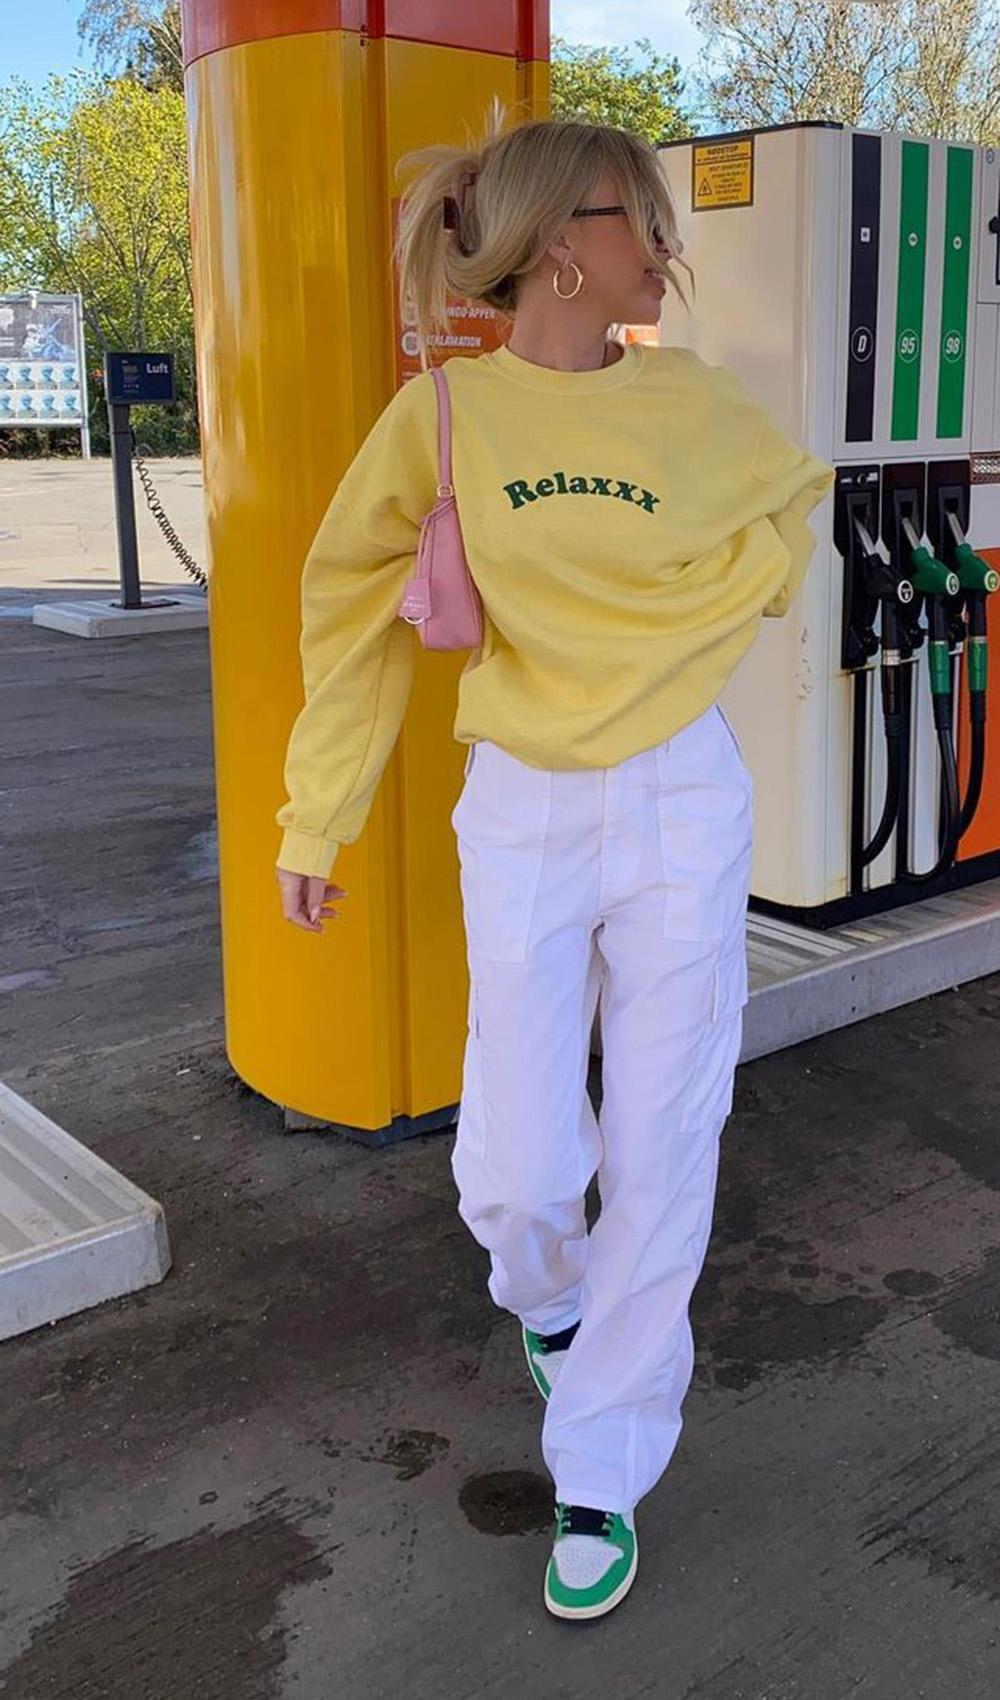 blusão de moletom amarelo pastel, calça branca e nike jordan